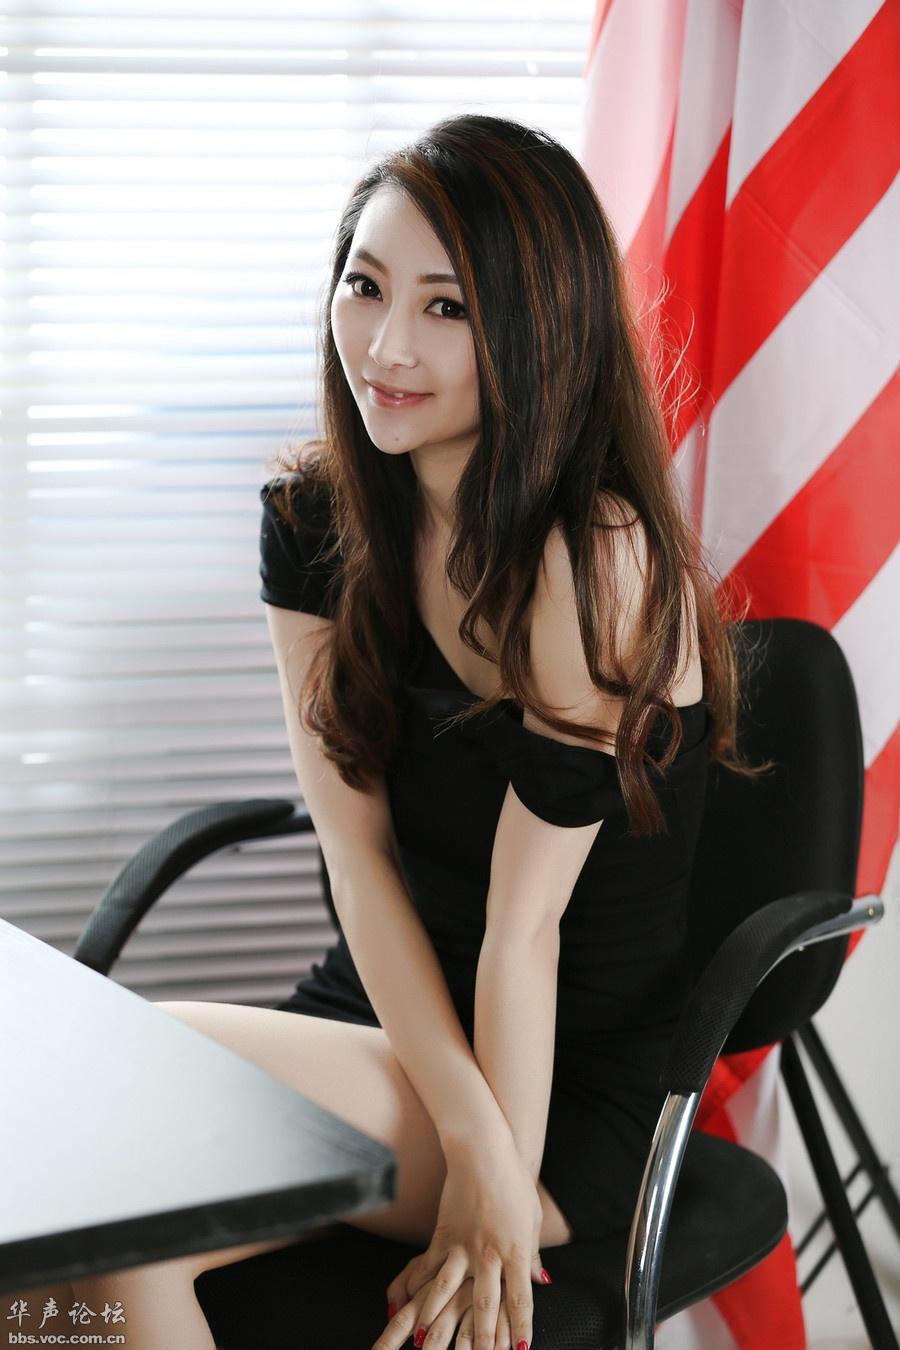 欧美美女性爱小电影_性感美女白嫩诱人美腿写真 - 美女贴图 - 华声论坛